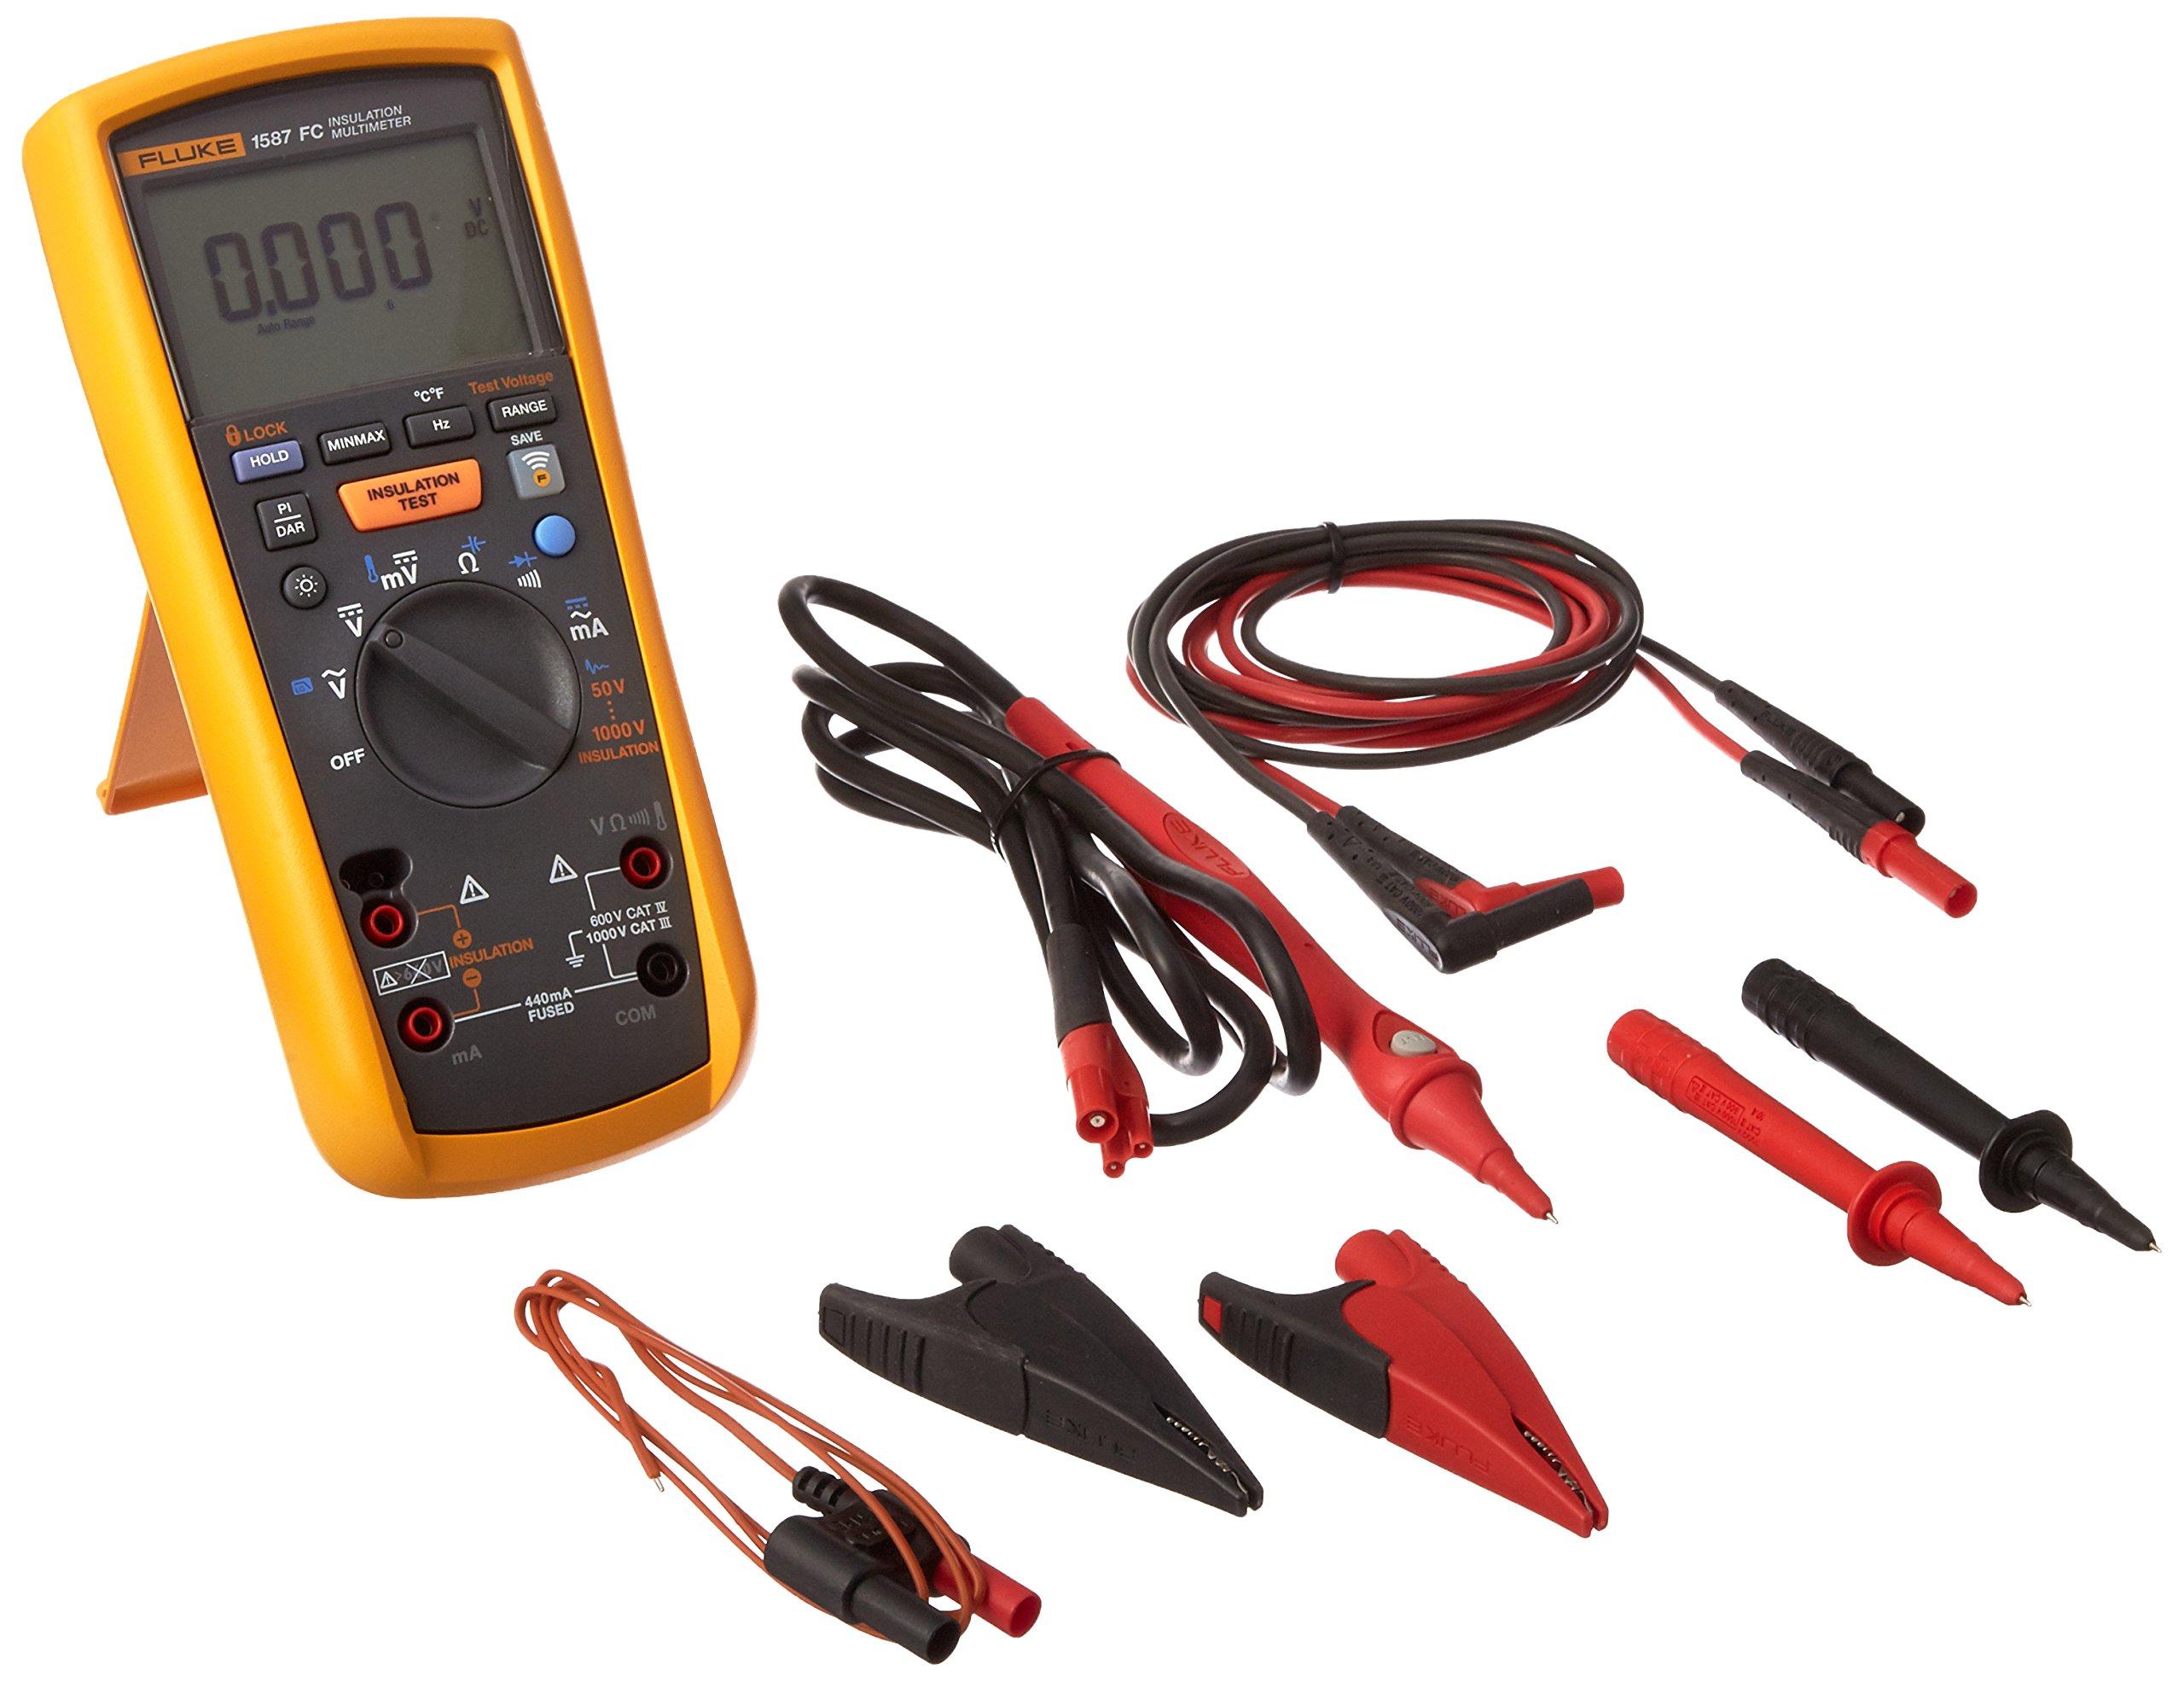 FLUKE-1587 FC 2-In-1 Insulation Multimeter